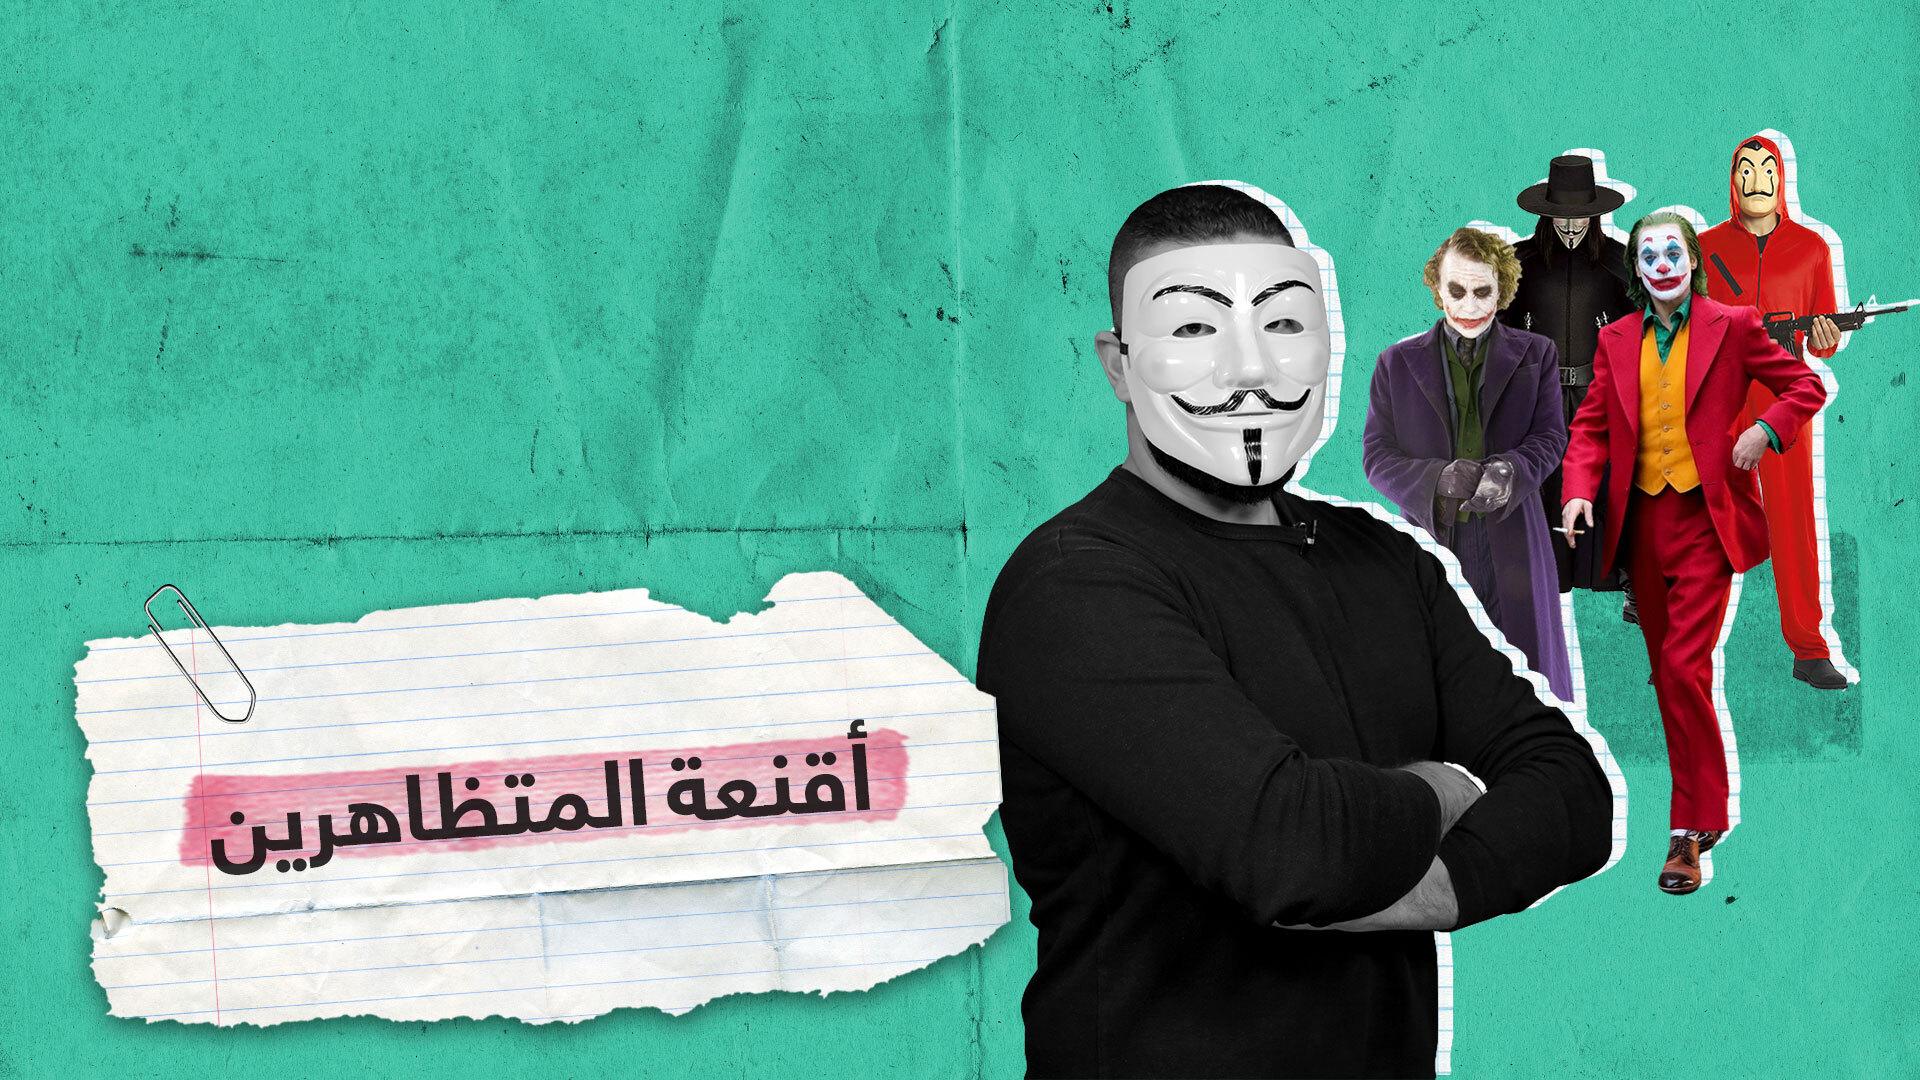 لماذا تستعمل أقنعة السينما الشهيرة في مظاهرات لبنان والعراق وهونغ كونغ وغيرها؟